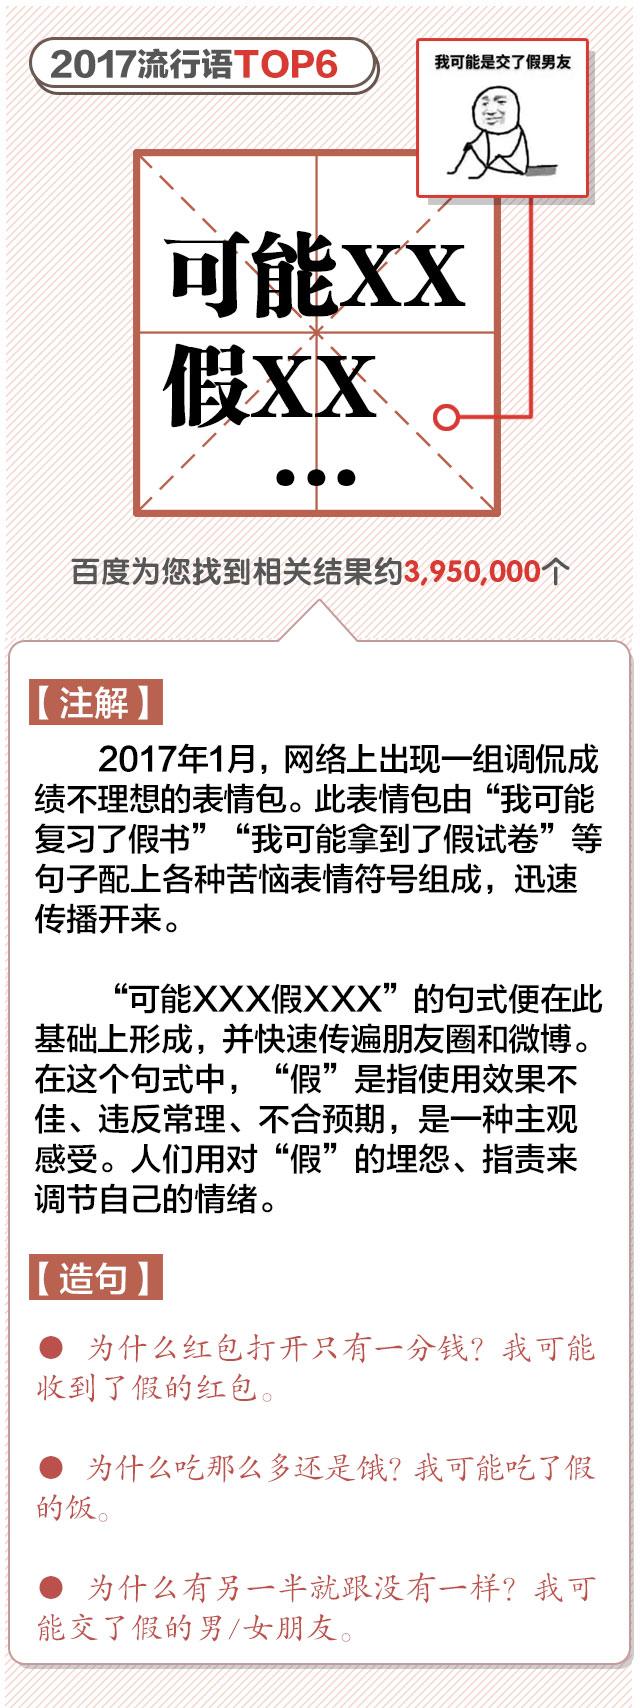 今日视点丨2017年度流行语TOP榜,排名第一的竟然是…… 新湖南www.hunanabc.com